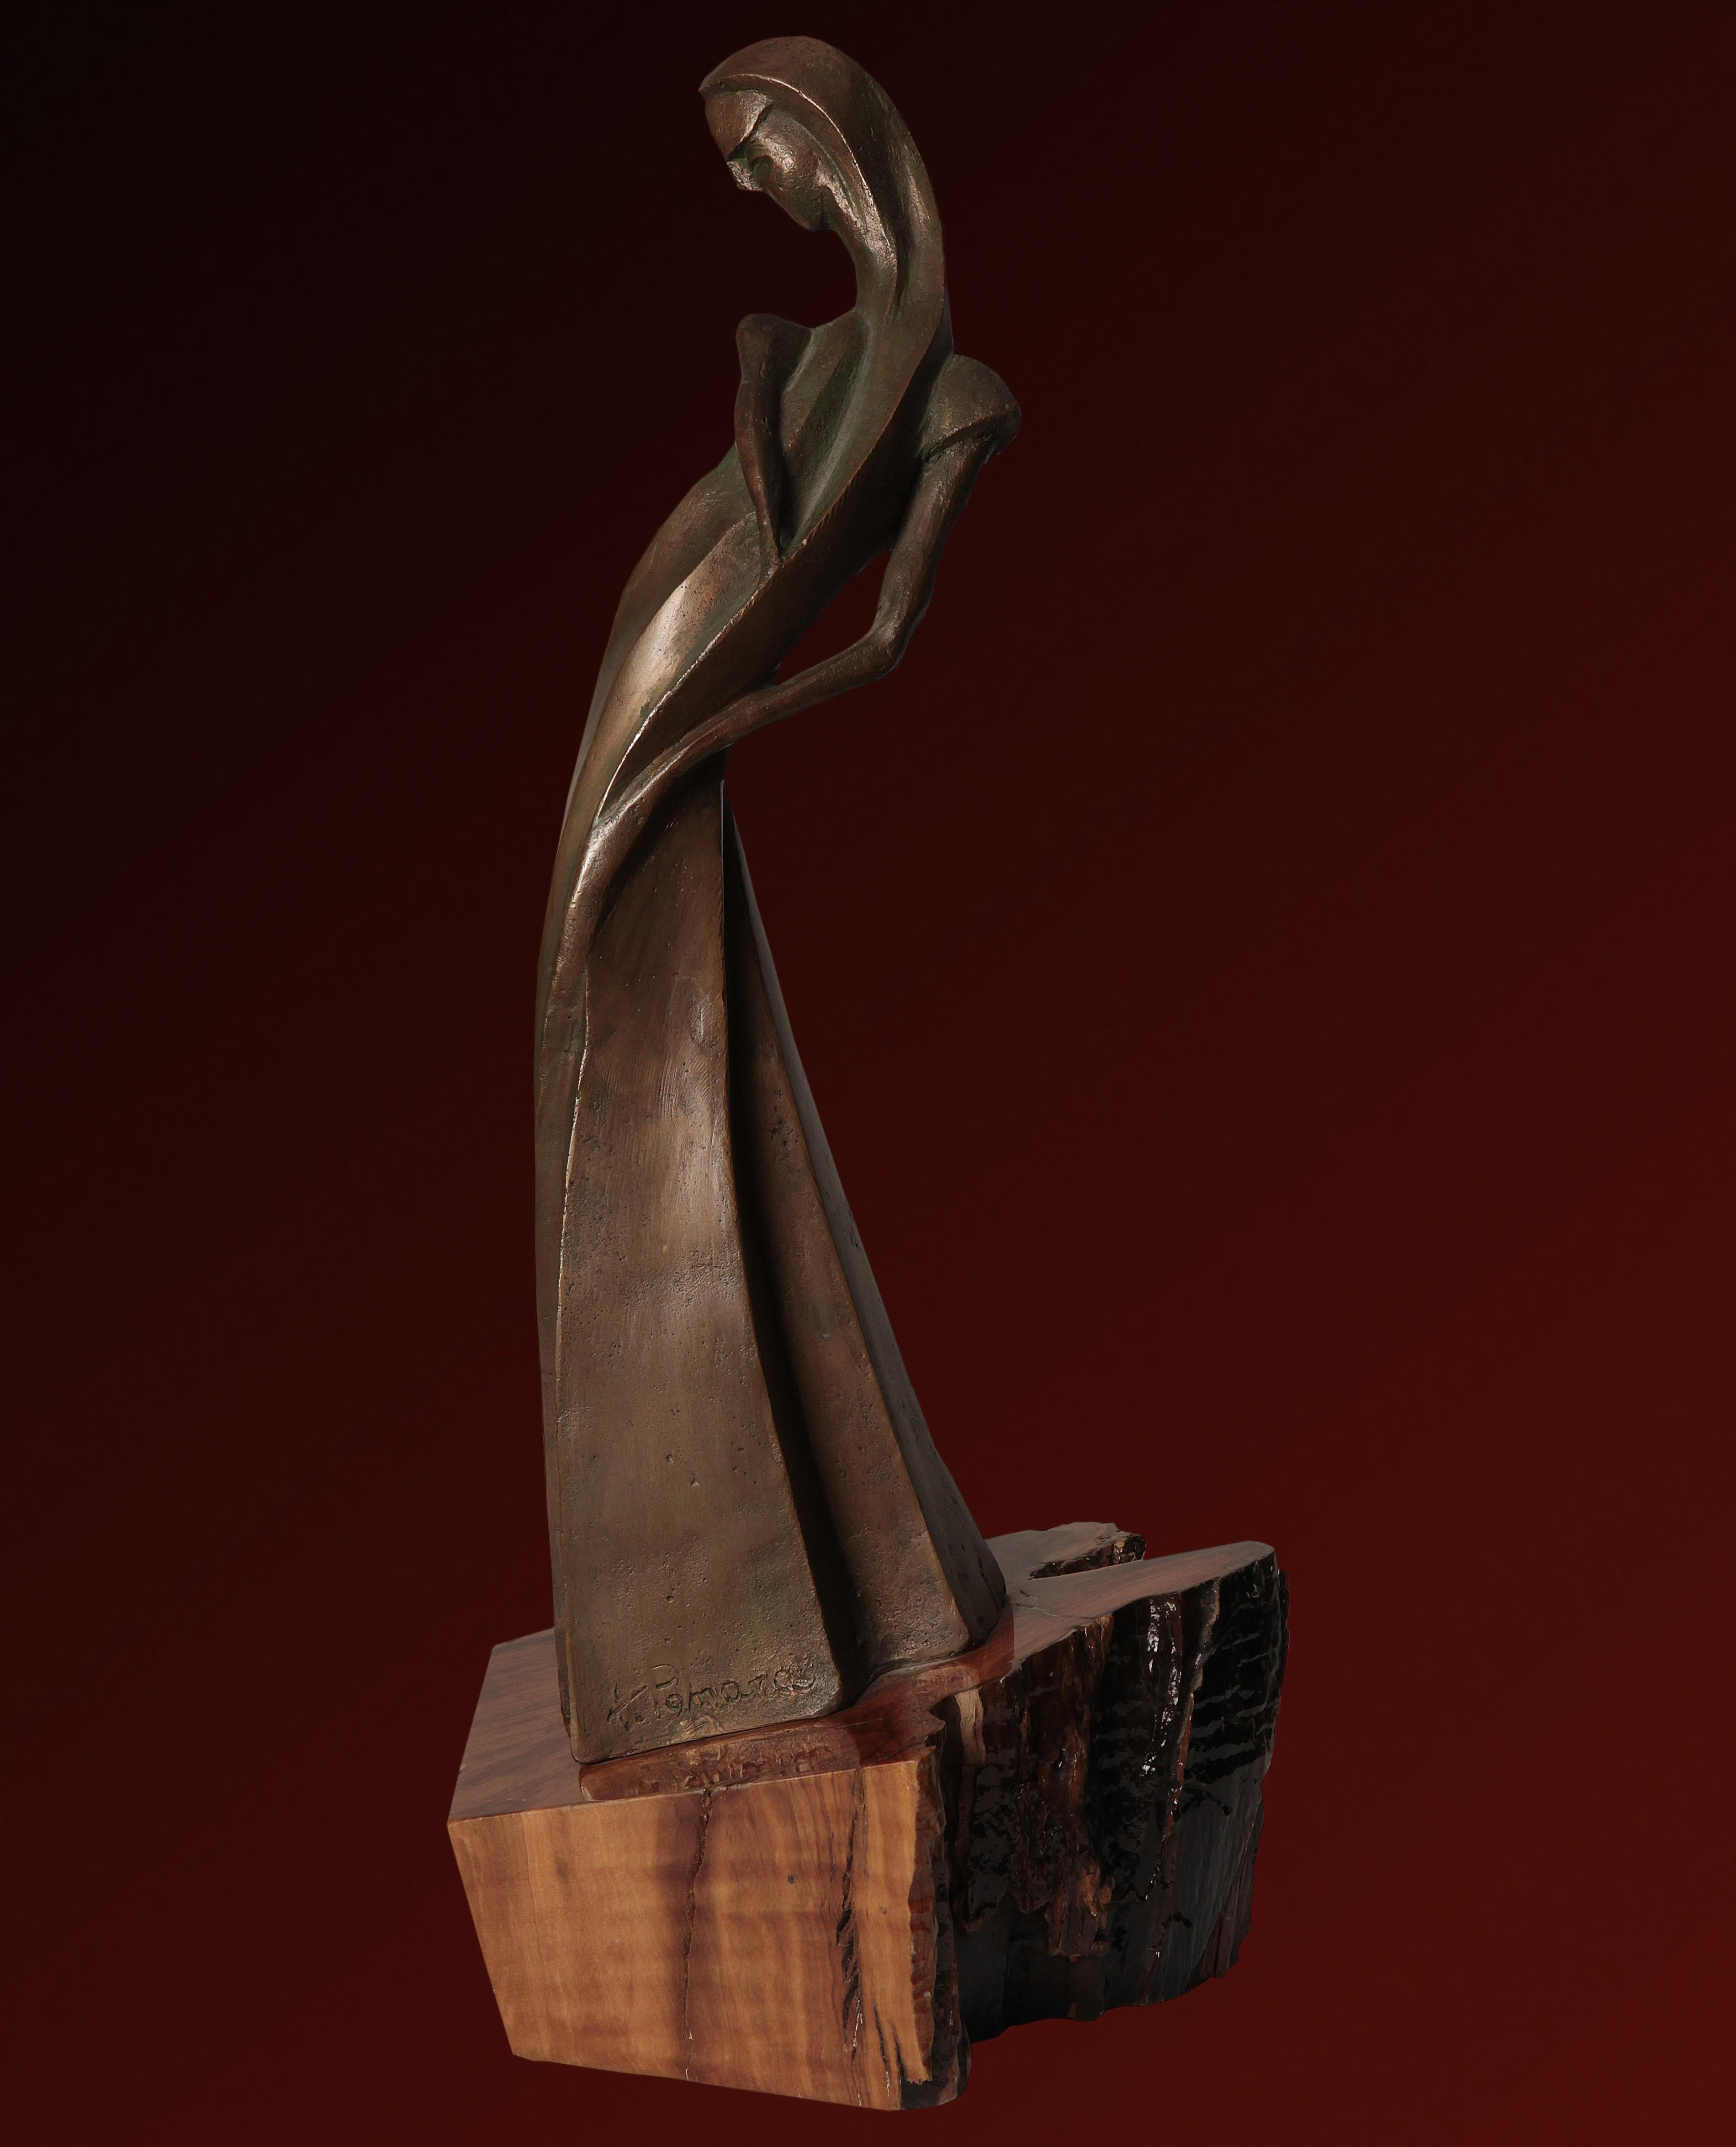 Figura in posa - 36x10x10 cm, 1998